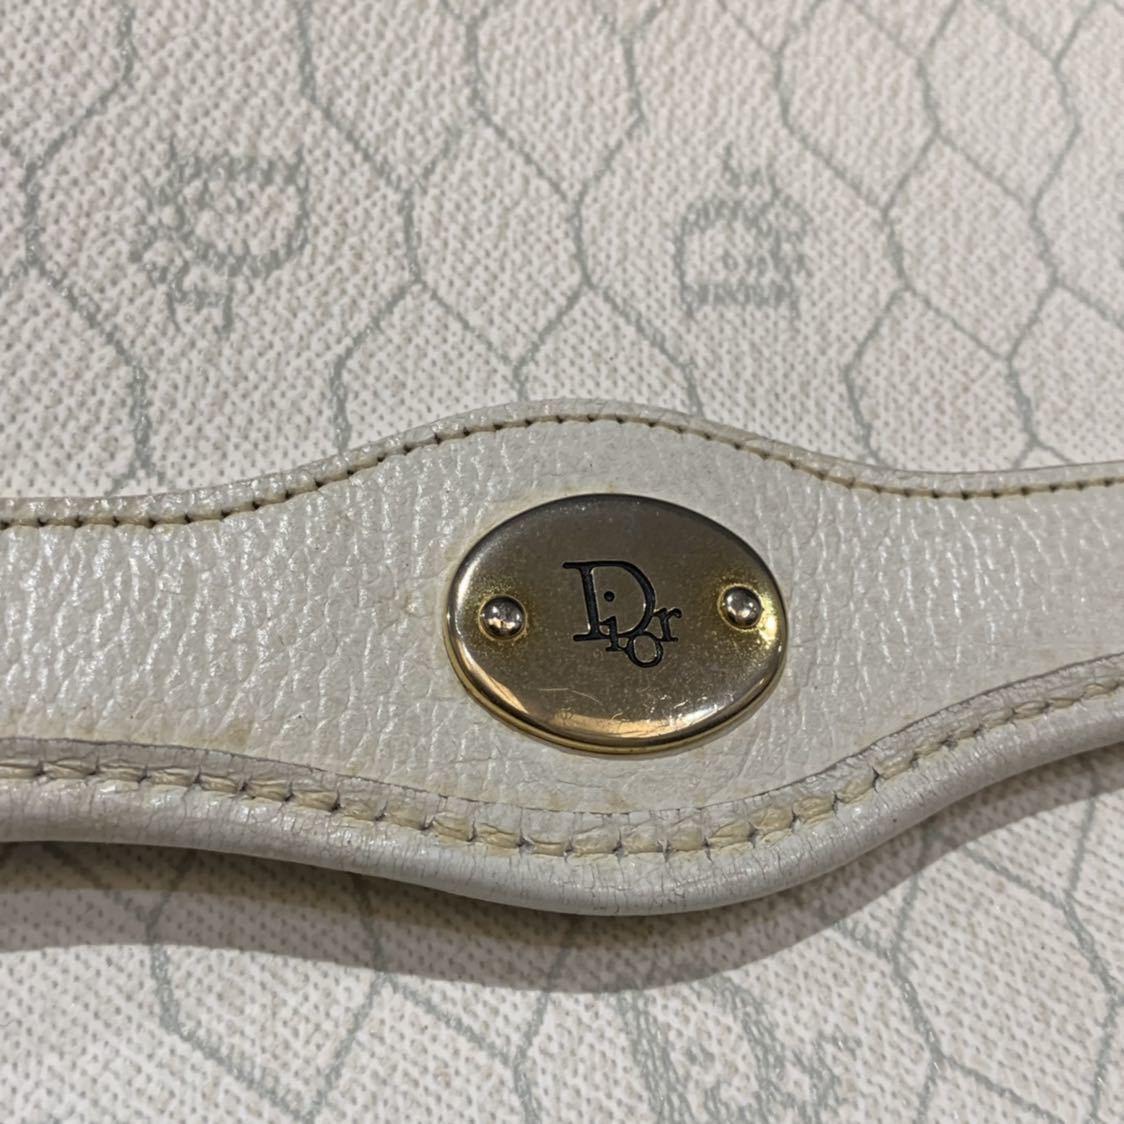 クリスチャンディオール Christian Dior チェーン 2WAY ショルダー クラッチバッグ トロッター キャンバス レザー ビンテージ オールド_画像3